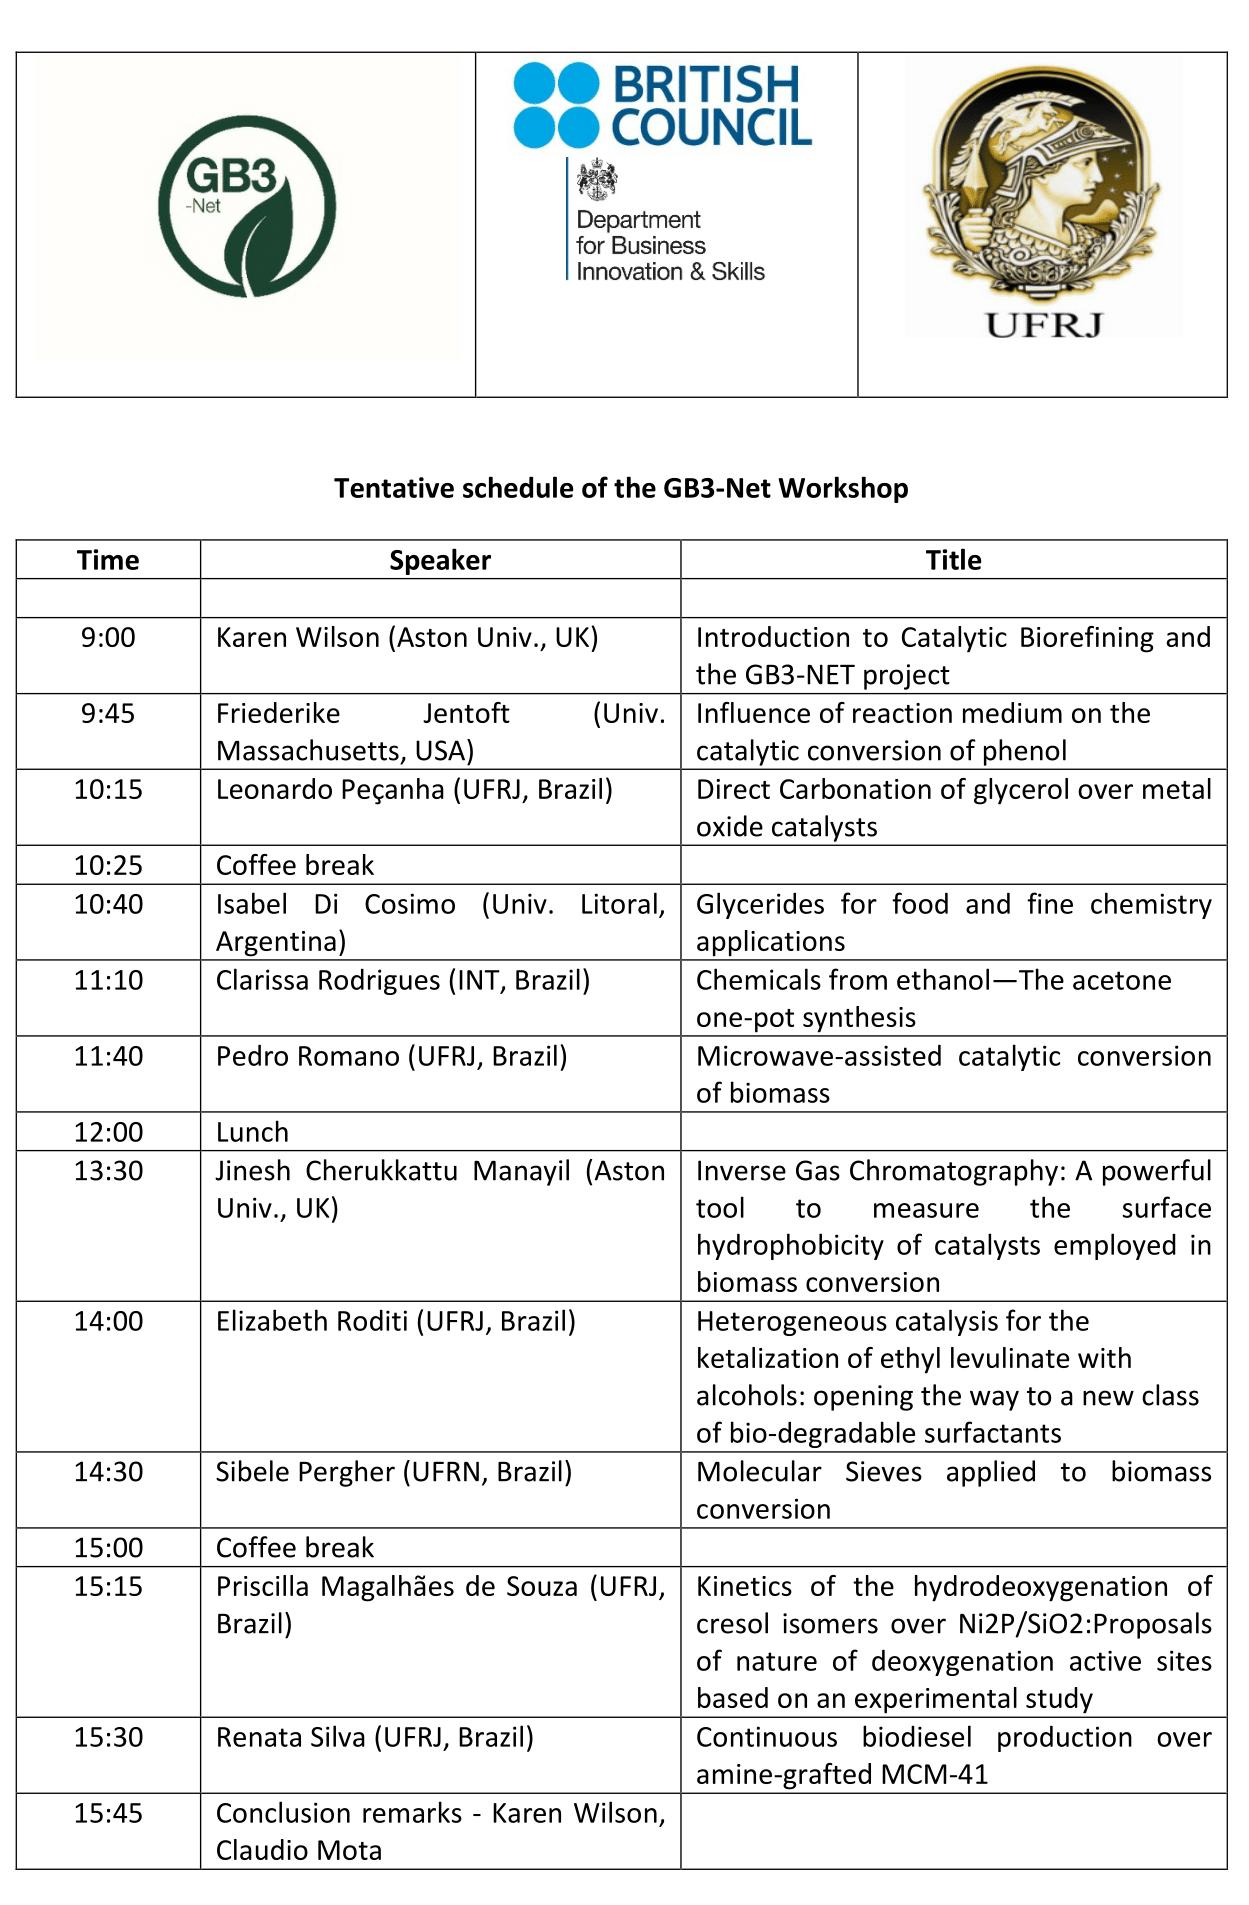 schedule-of-the-gb3-net-workshop-1-1